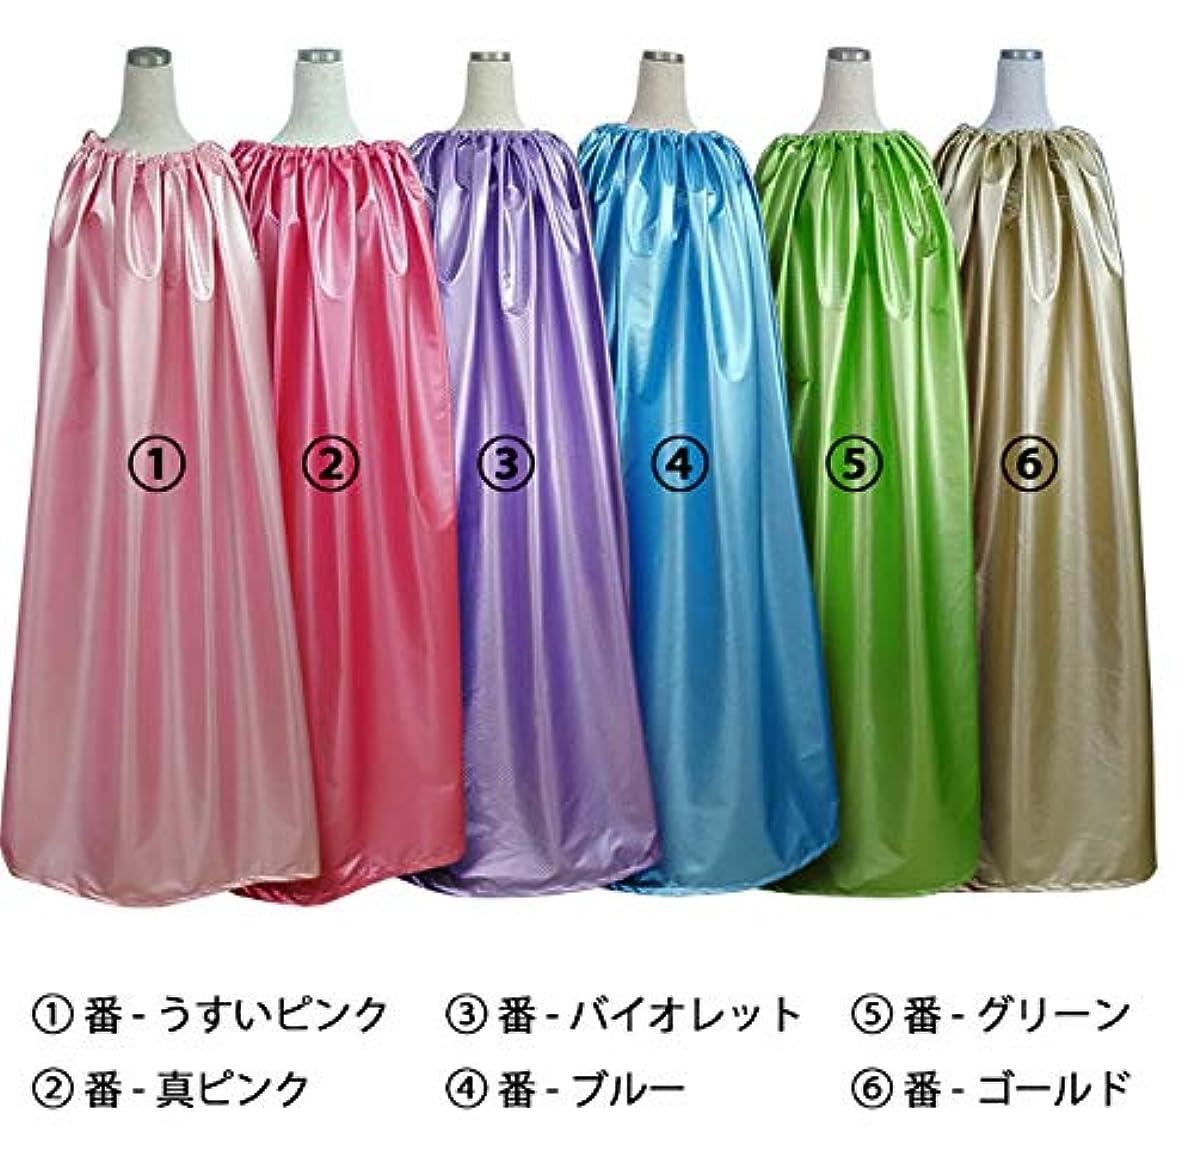 リファインこどもセンター立派なヨモギ蒸し服、よもぎ蒸しマント可愛い色、色選択必要です一枚